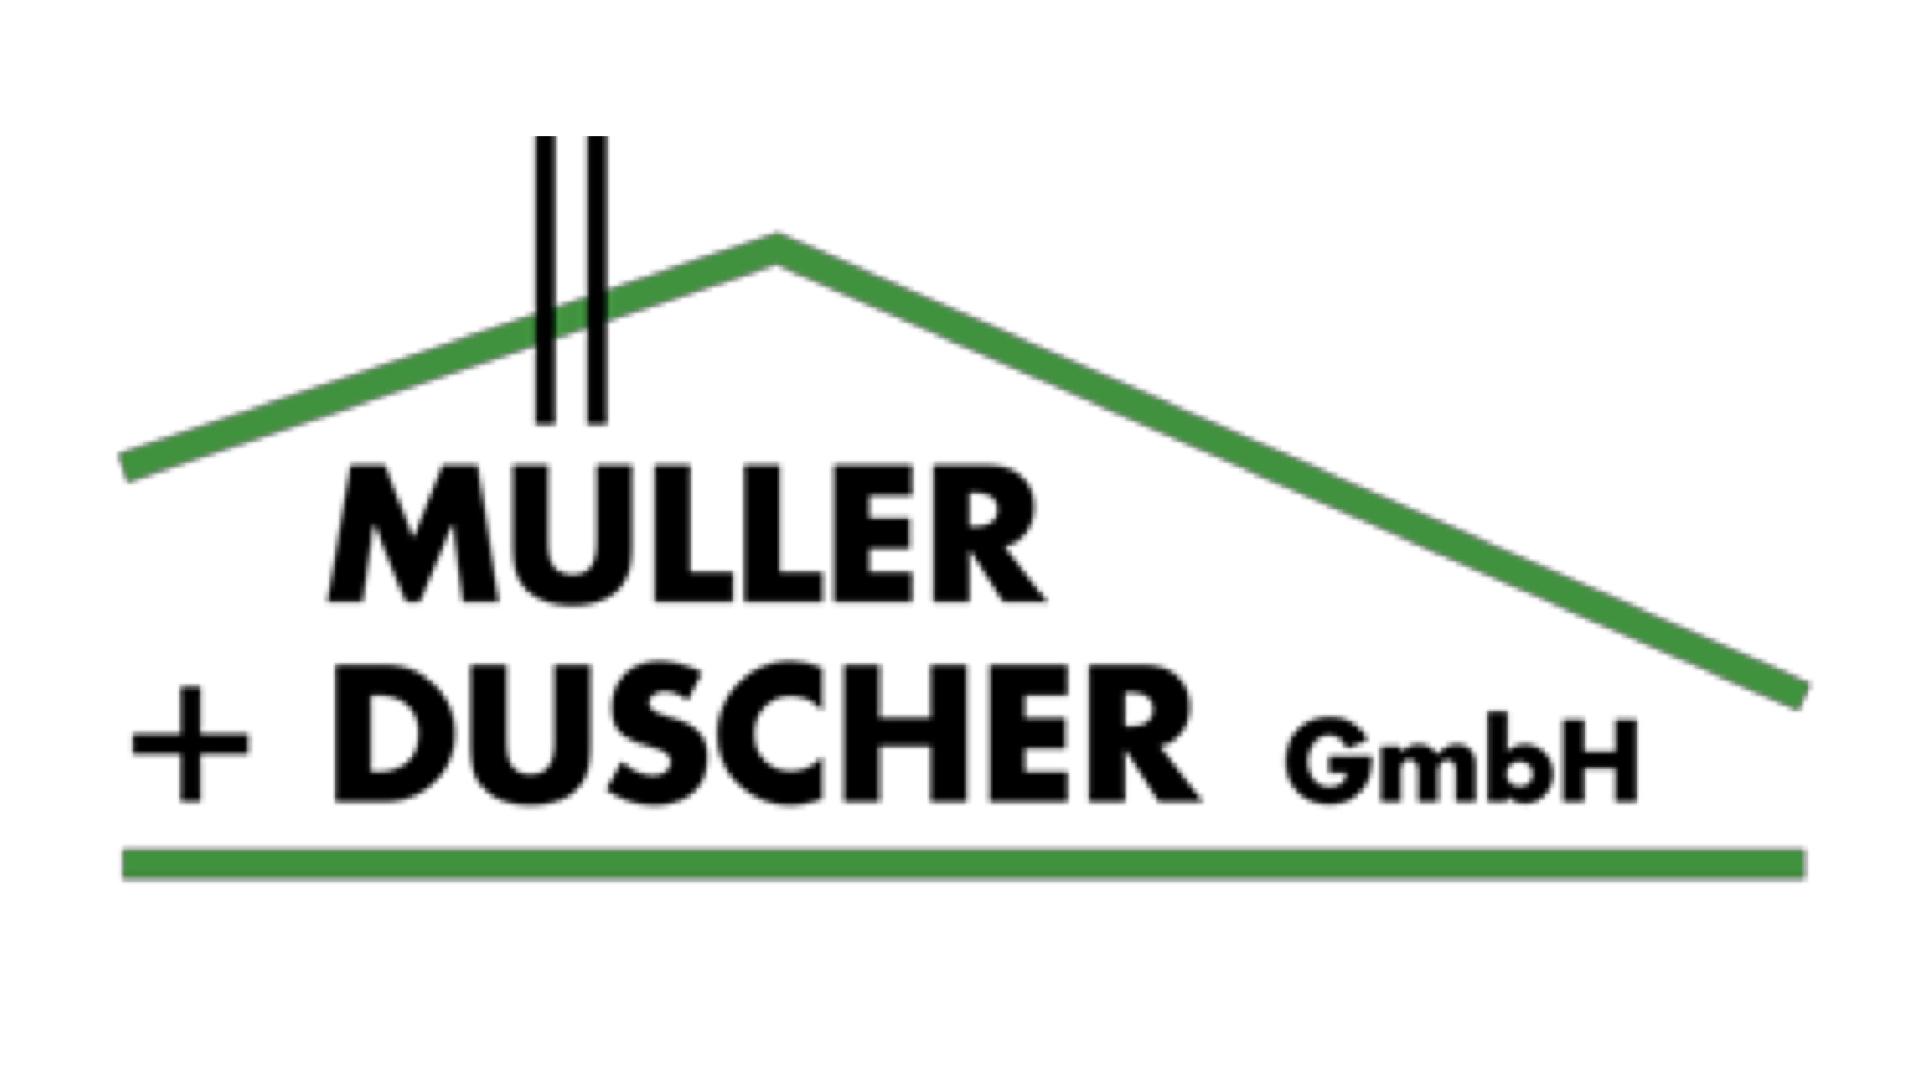 Müller + Duscher